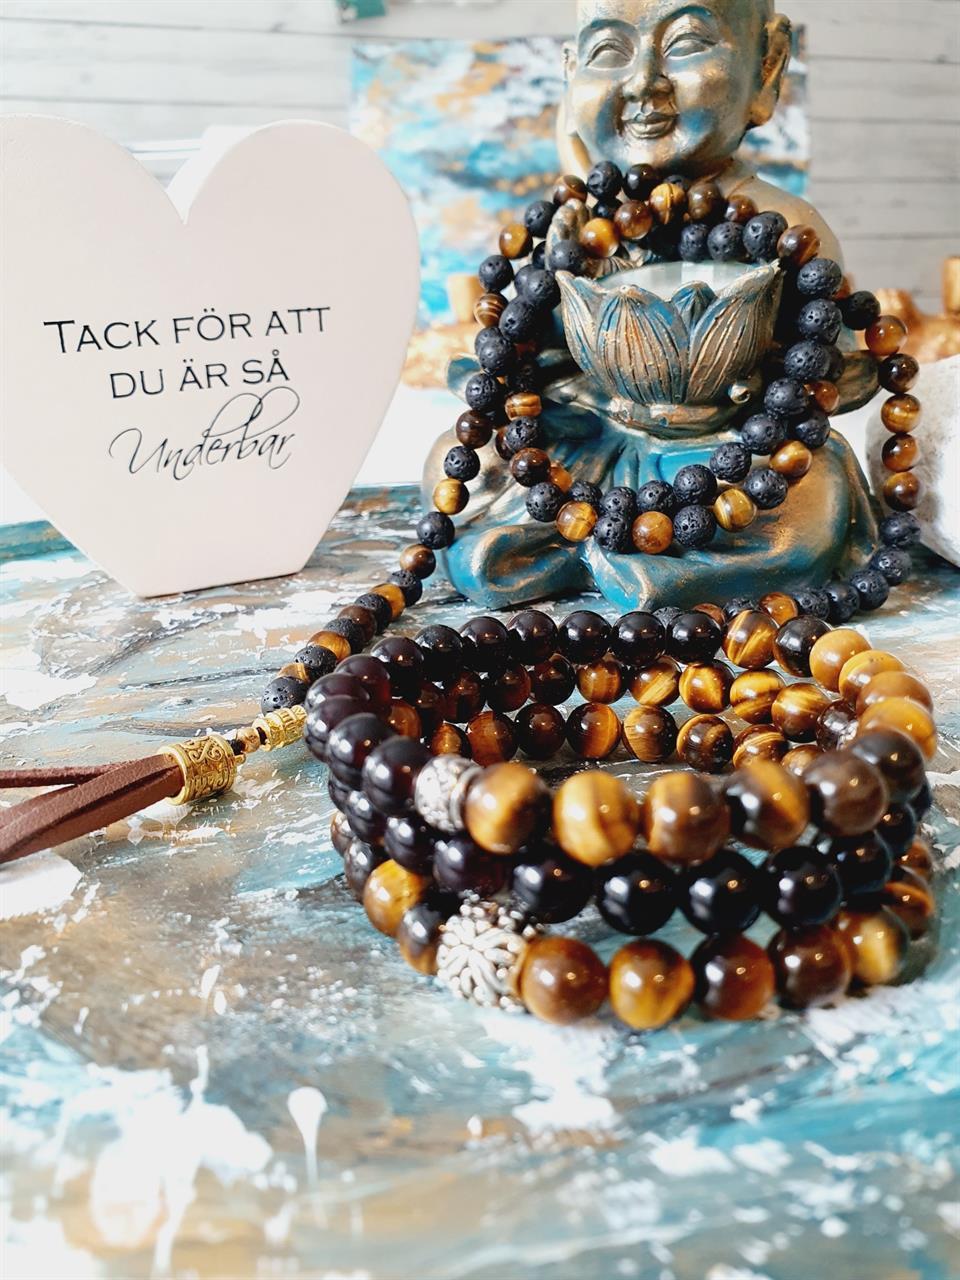 108 Mala -meditation ,protection and good luck